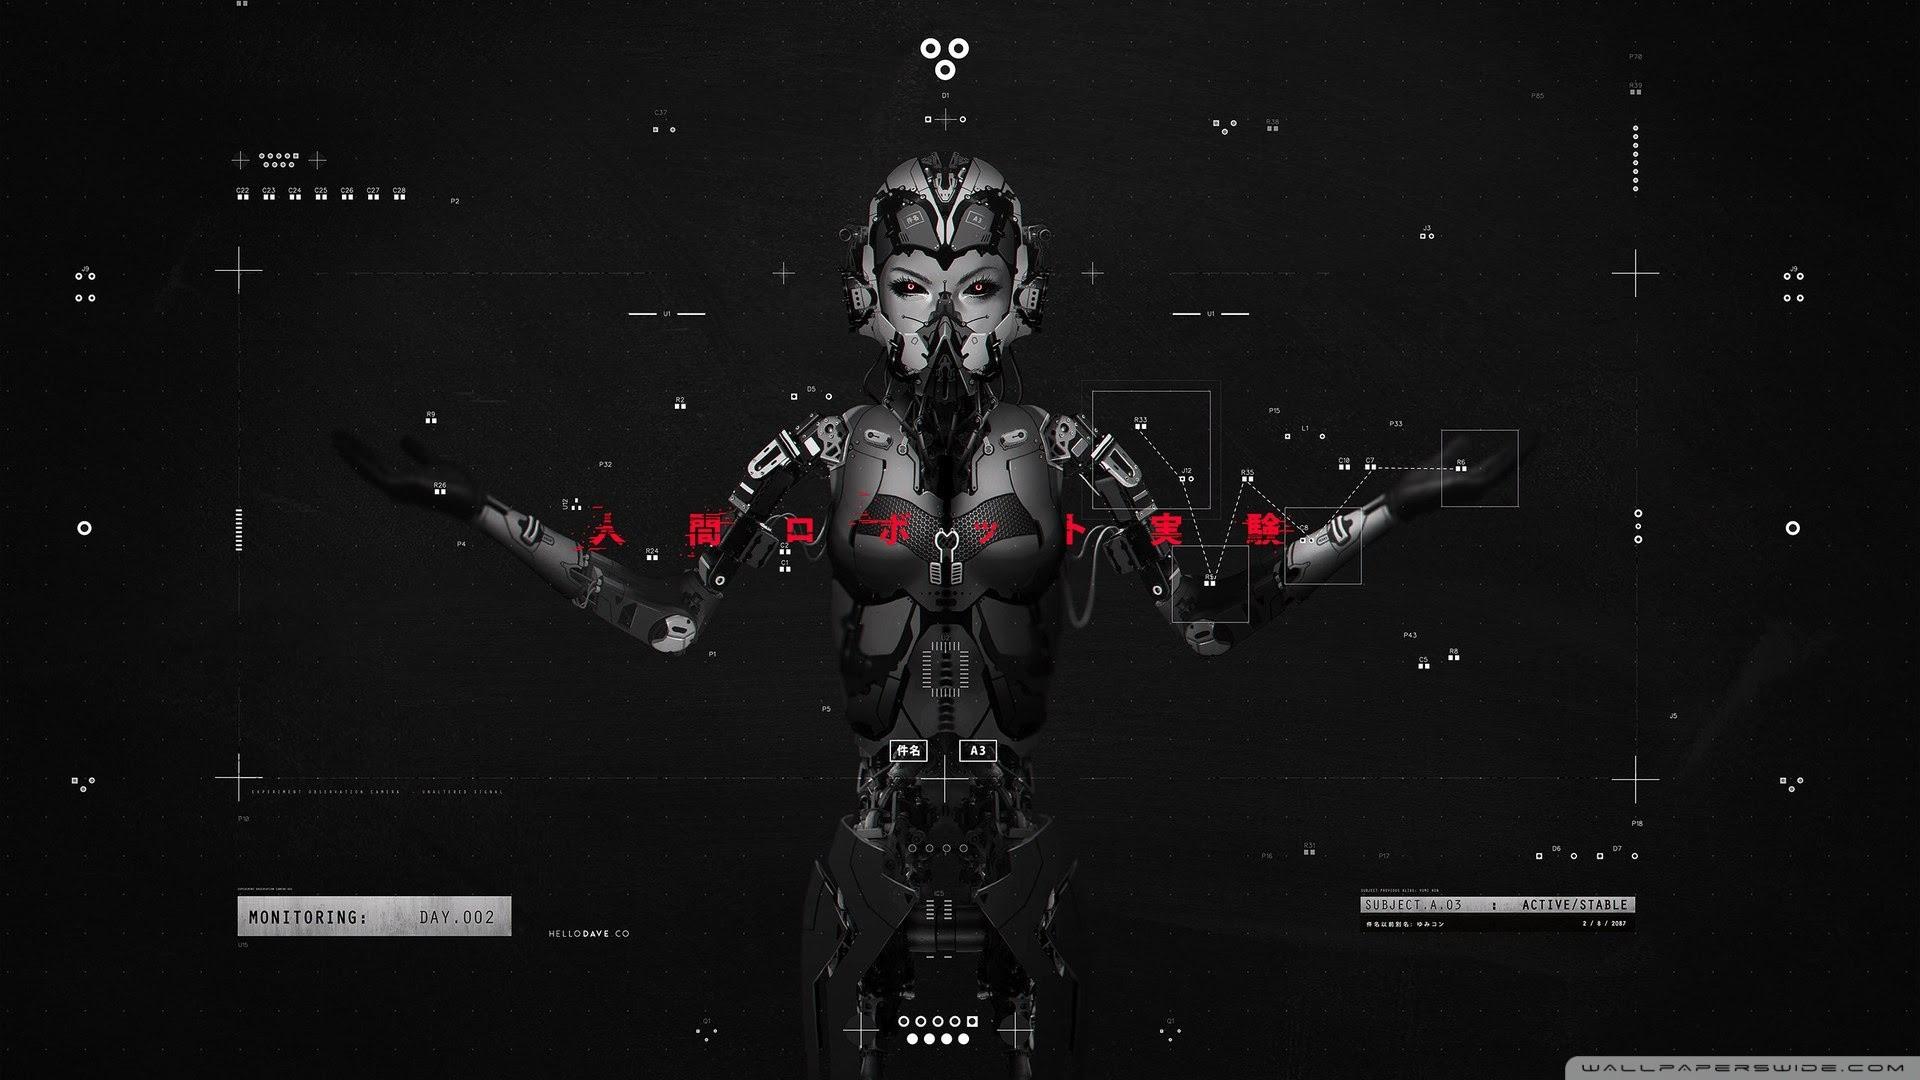 Cyberpunk Wallpaper (84+ images)